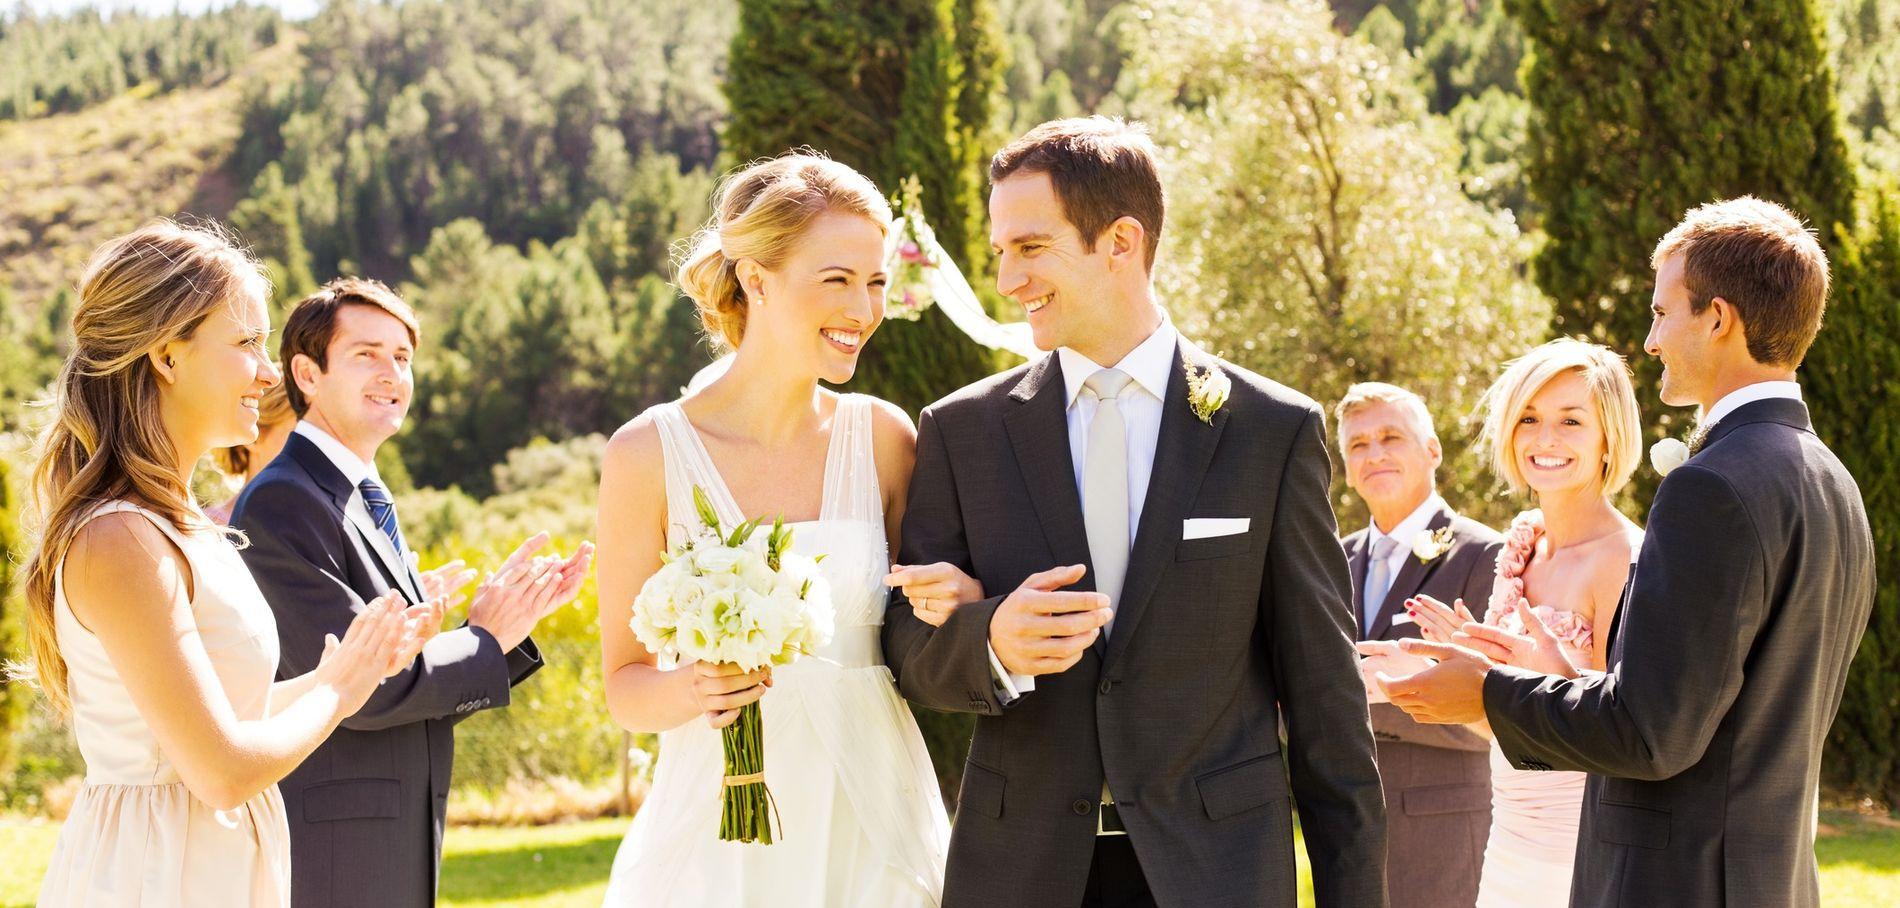 La marche nuptiale d'un couple de jeunes mariés